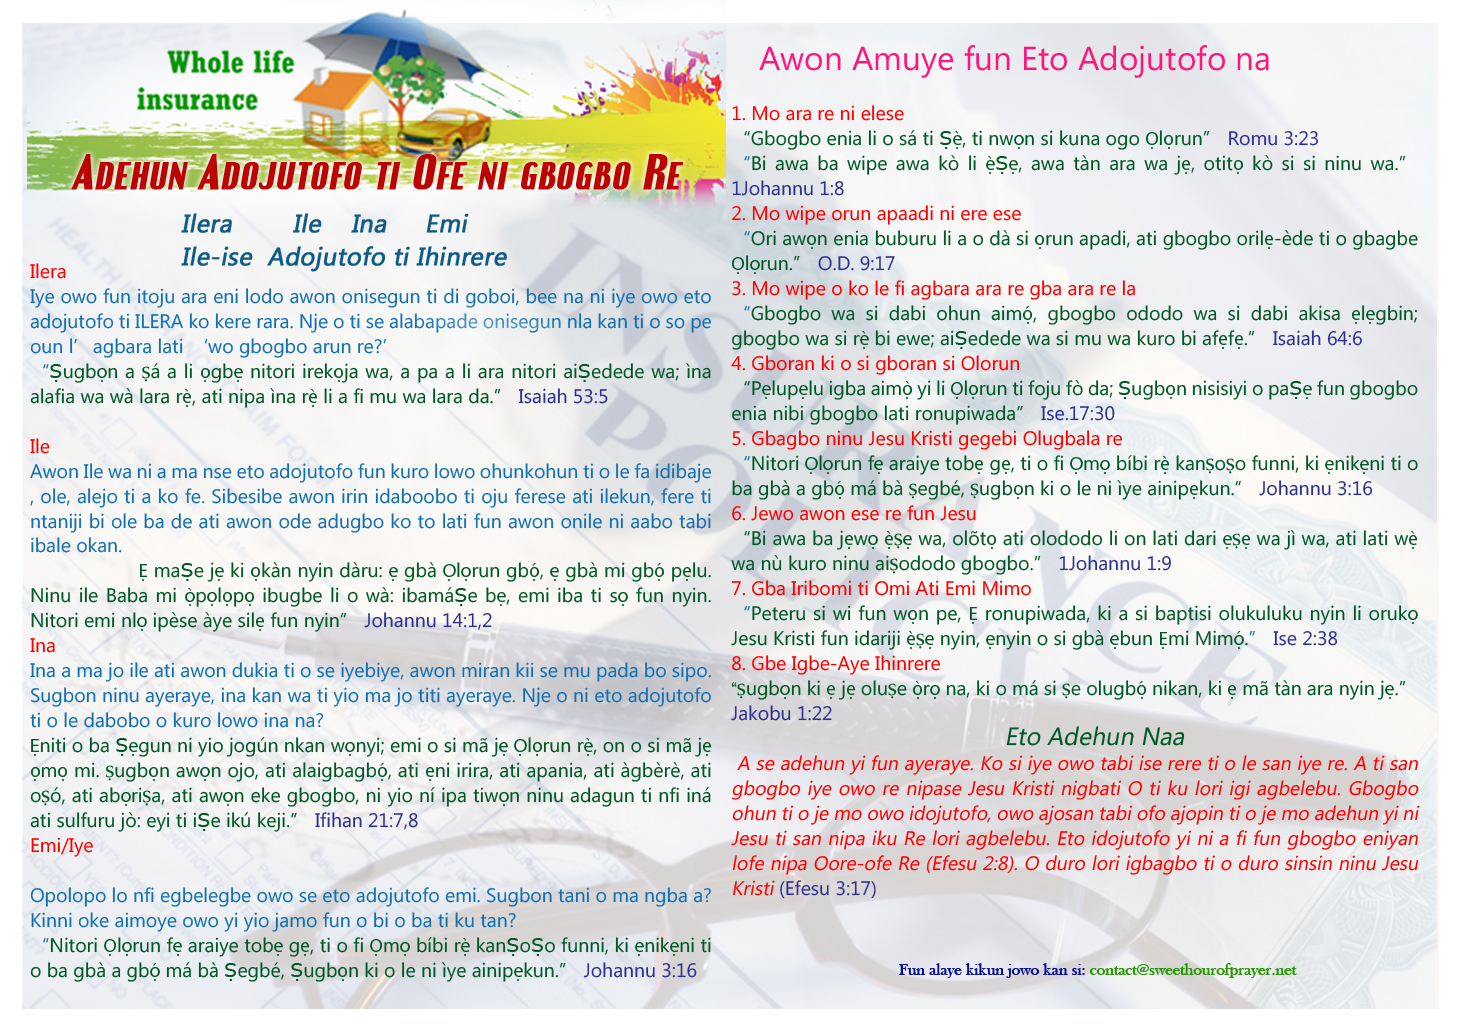 Free All inclusive Insurance Policy Yoruba